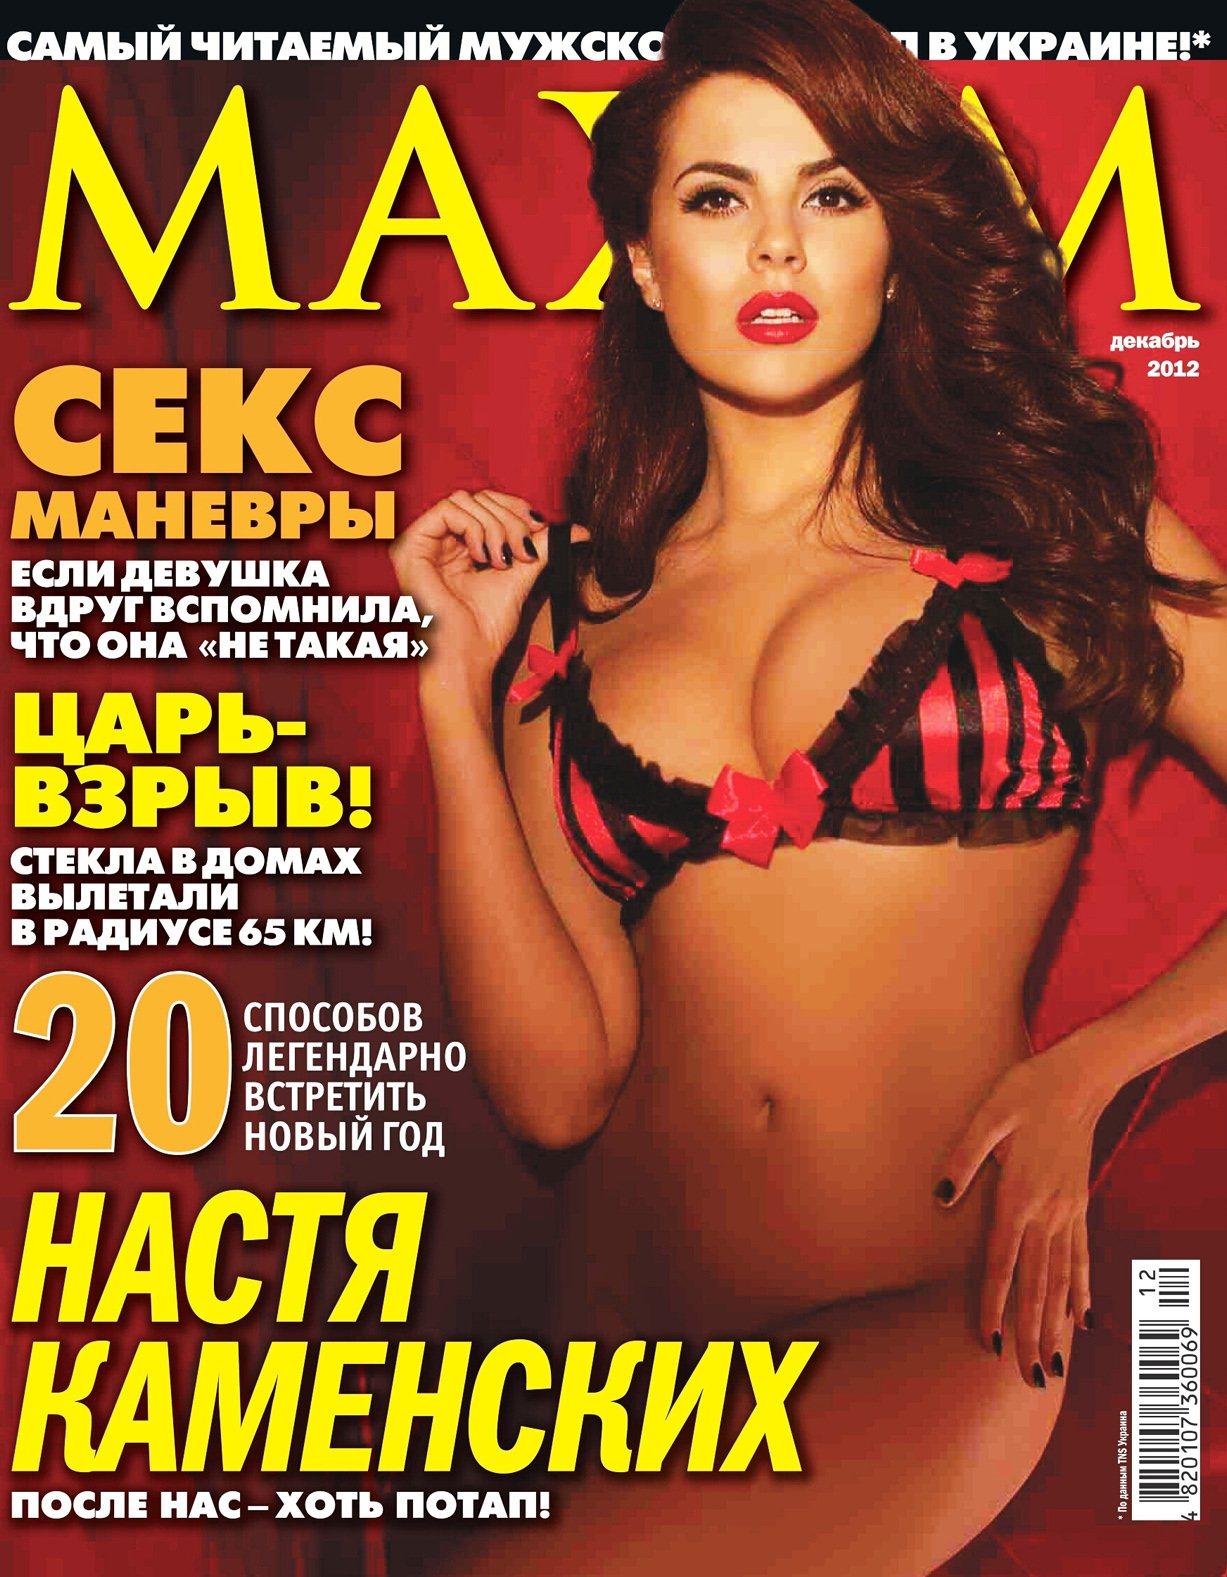 Настя каменских фотосессия максим 2012